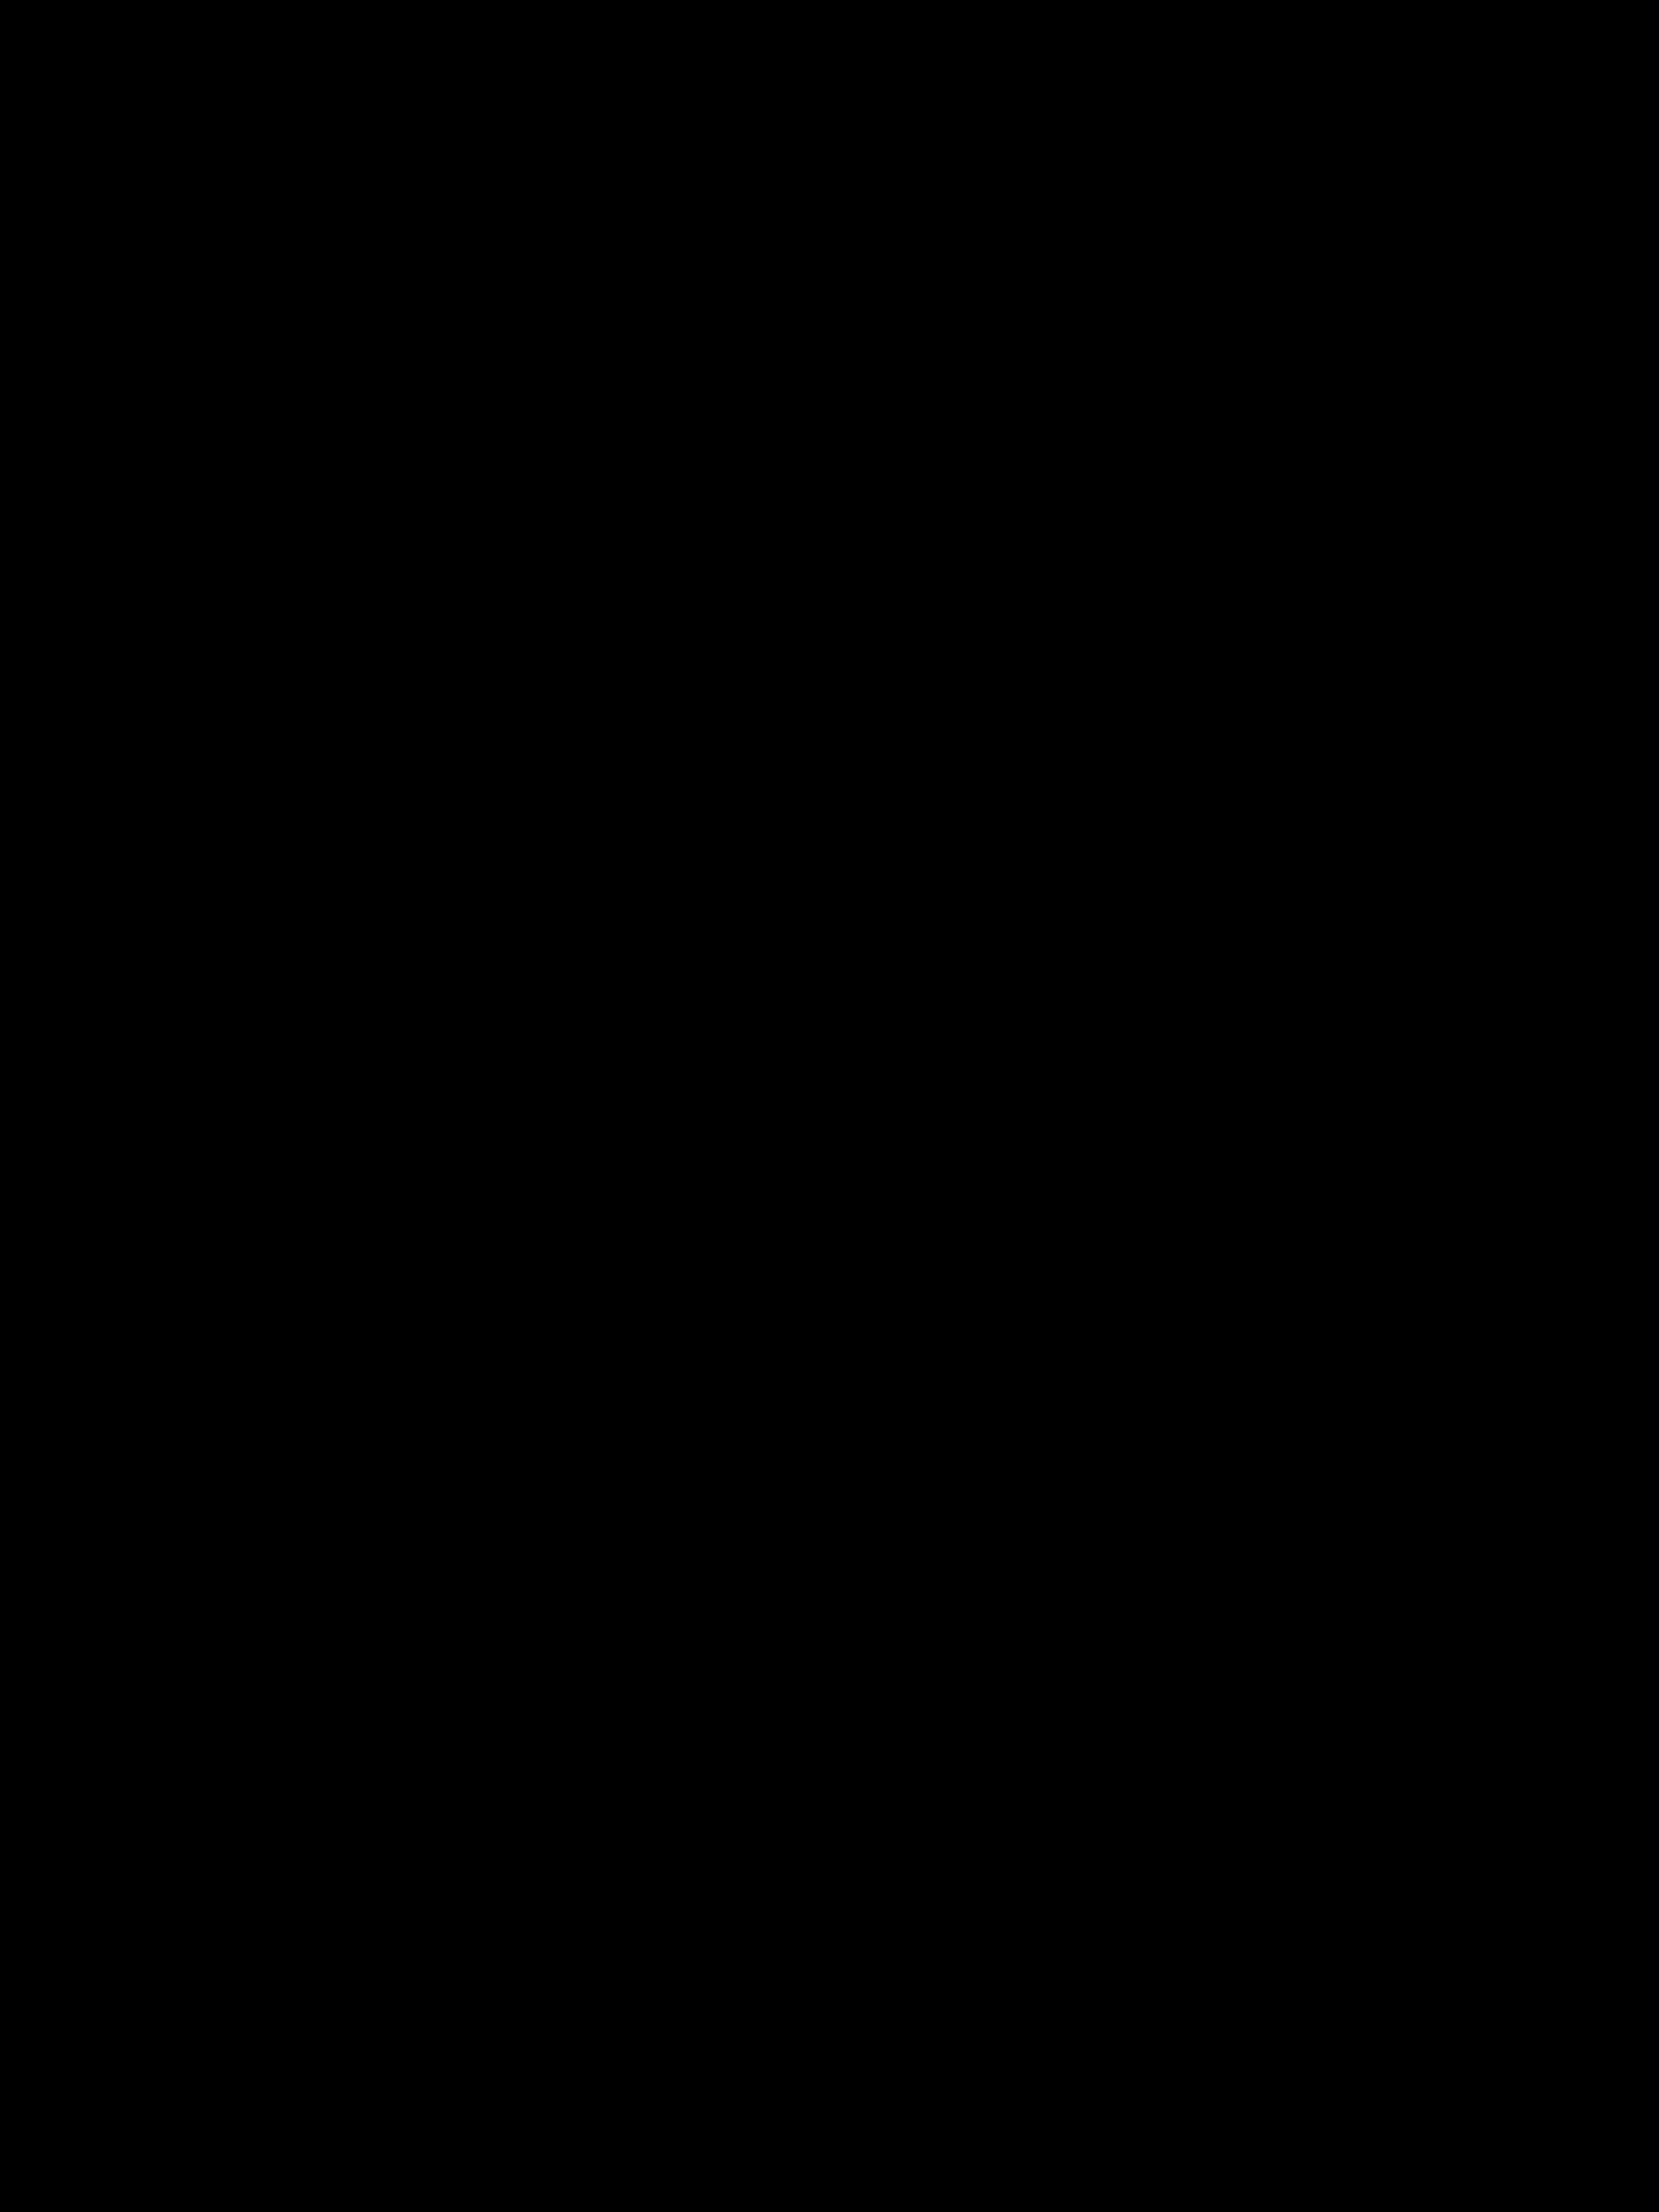 diego-odoni